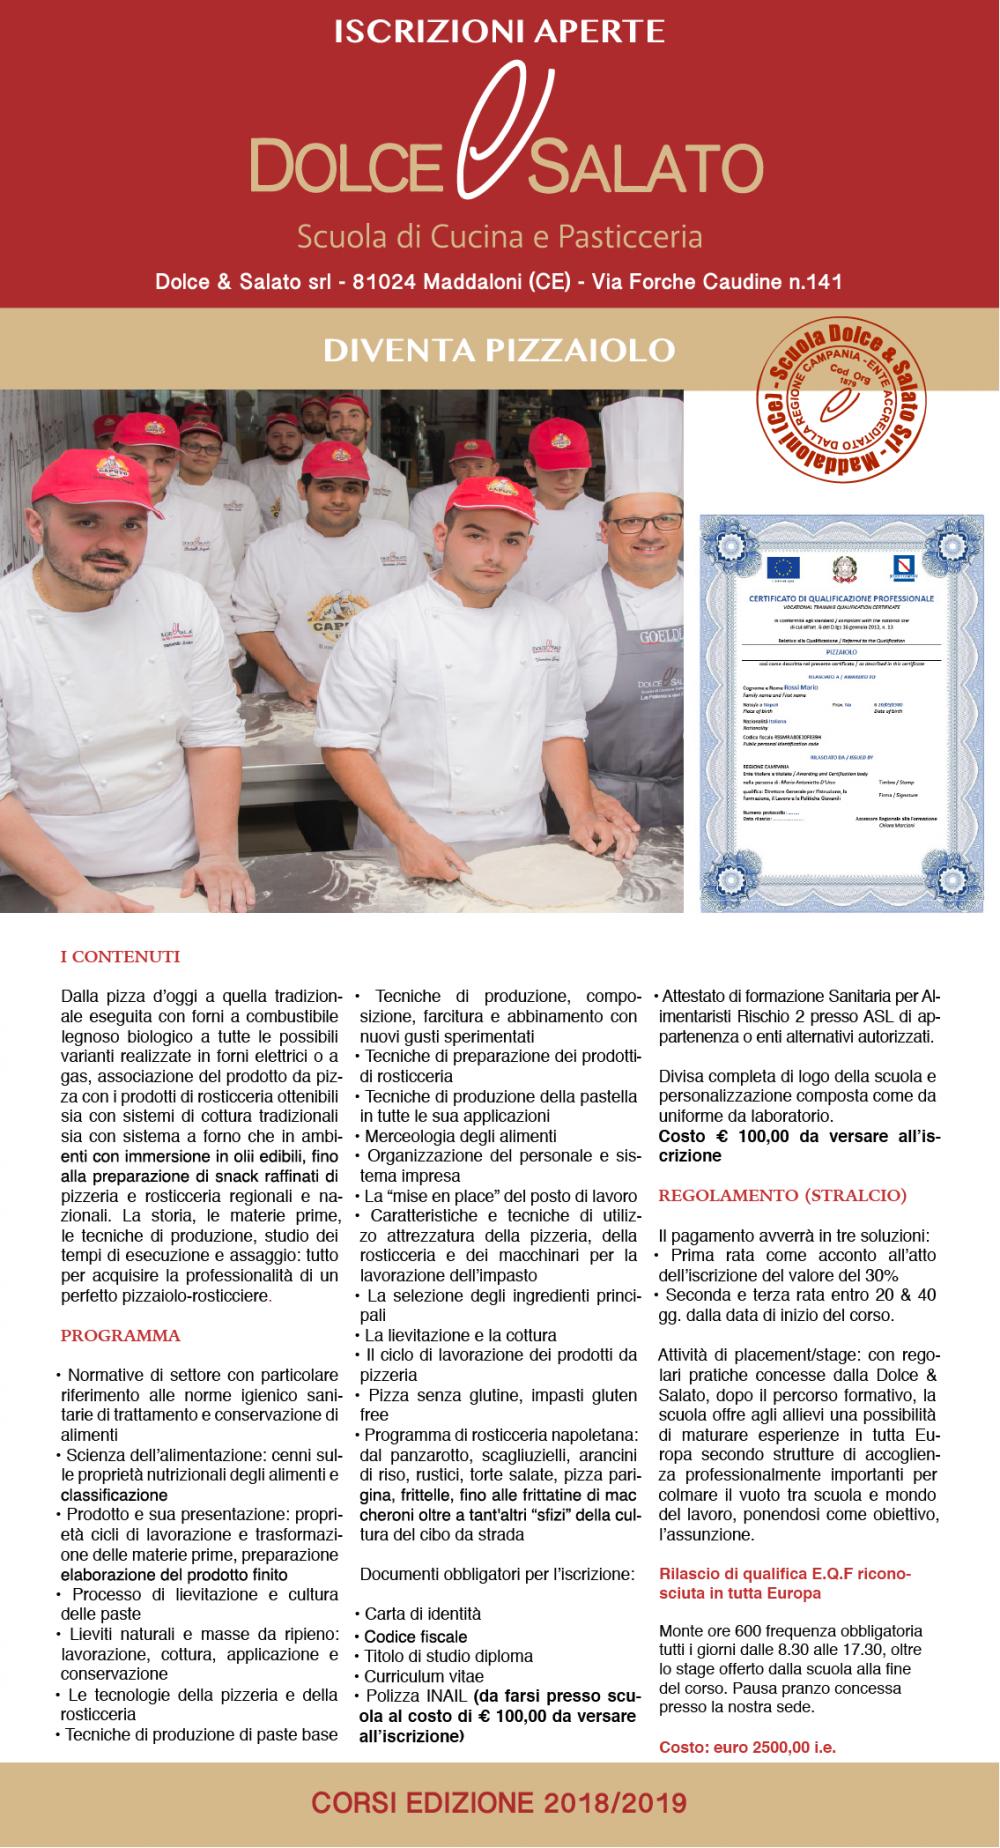 Dolce & Salato - Pizzaiolo